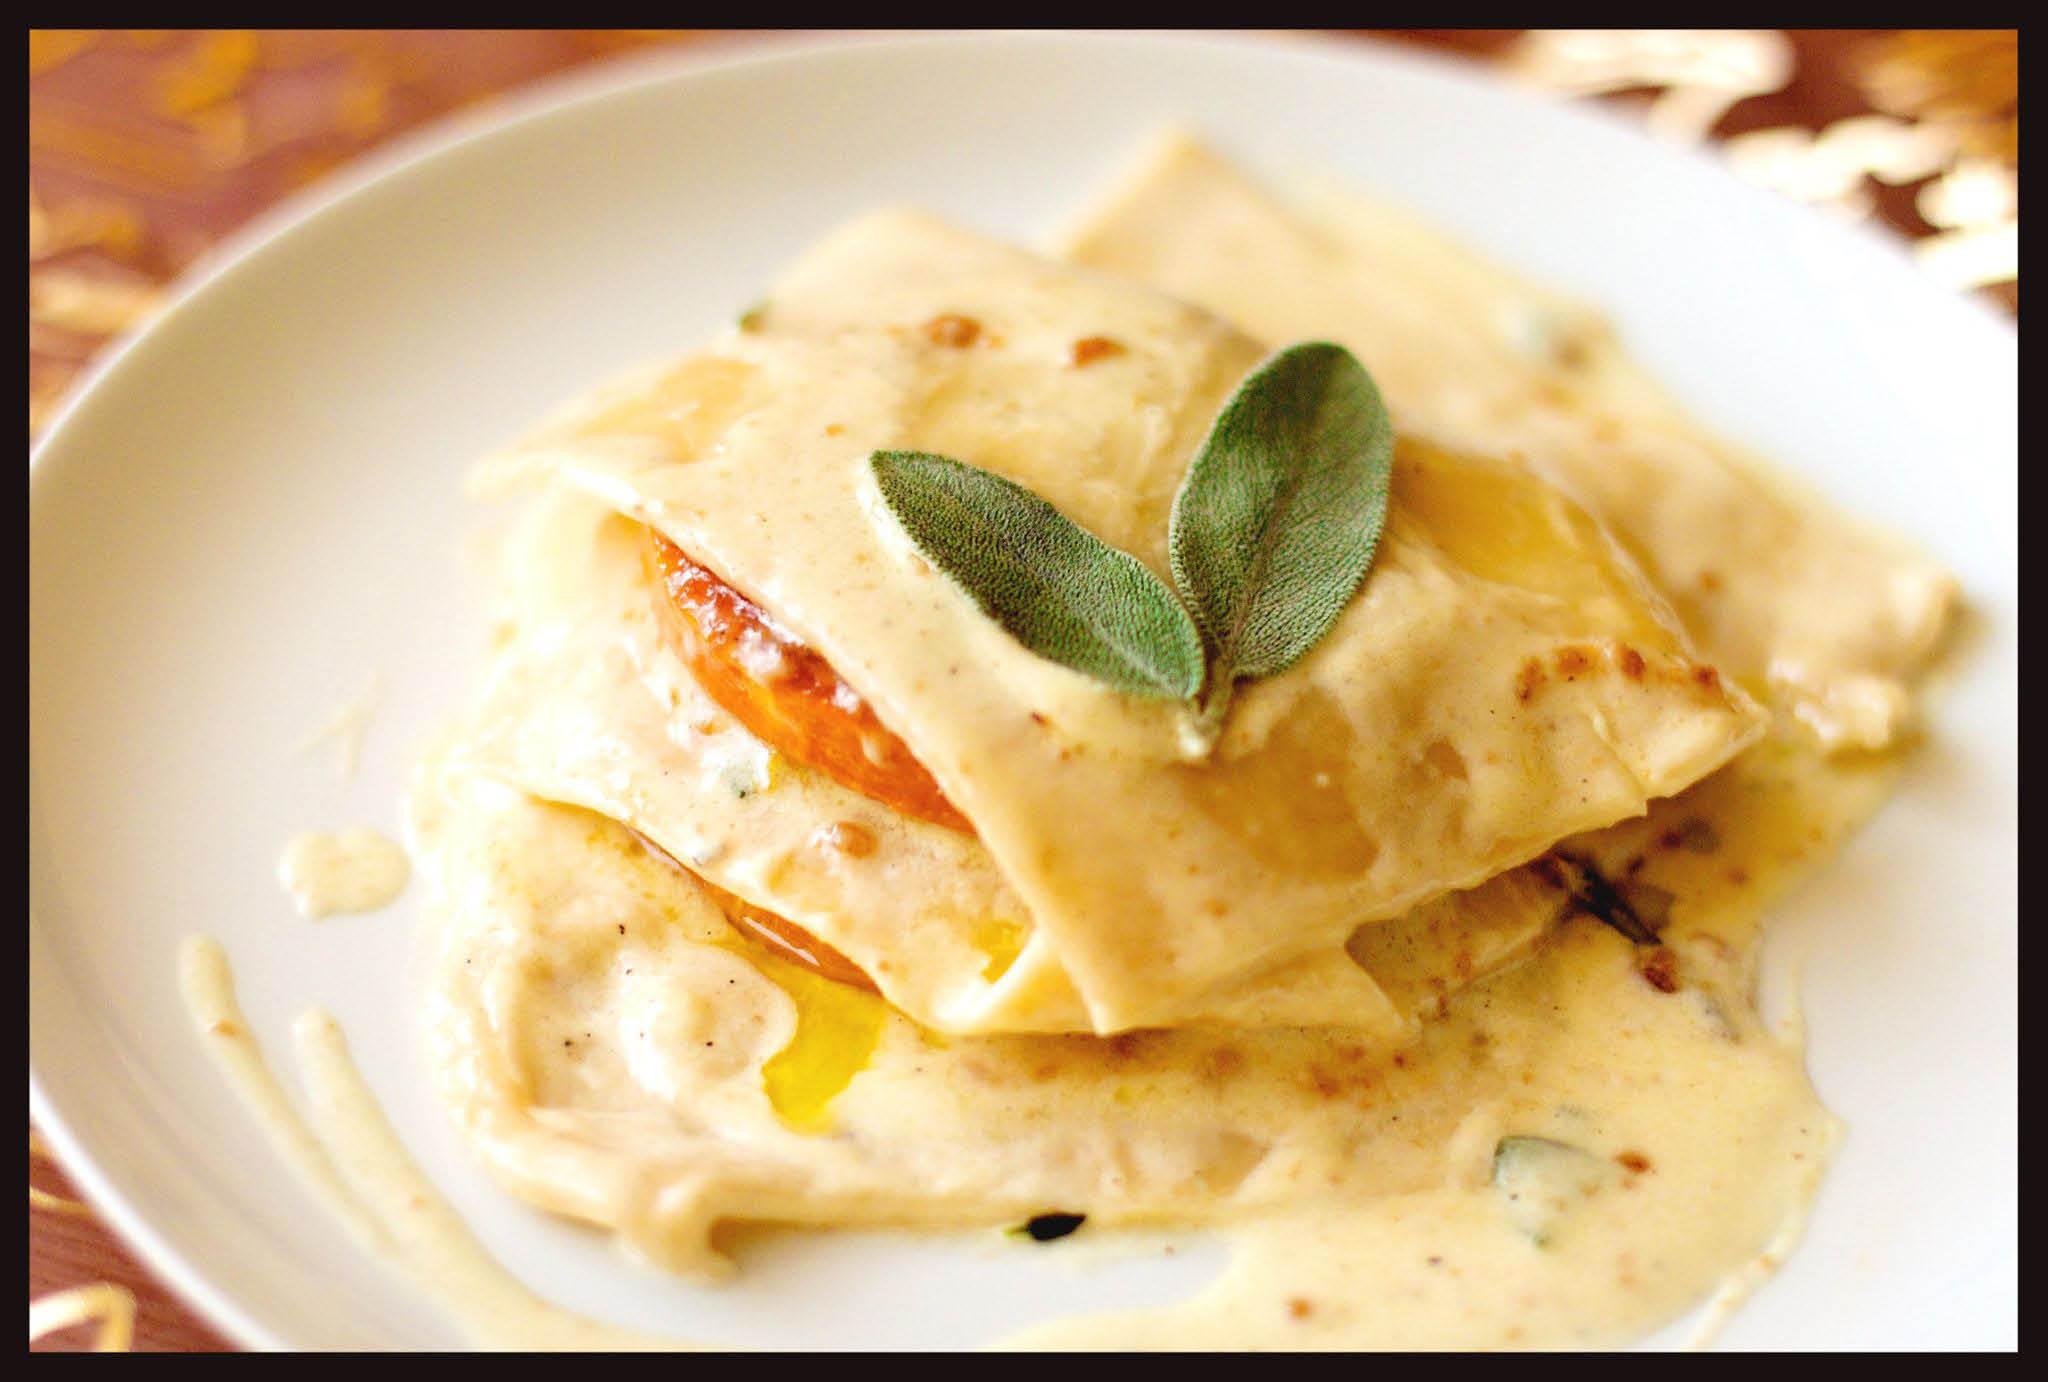 italian, mediterranean, cuisine, catering, outdoor dining, pizza; arlington, va